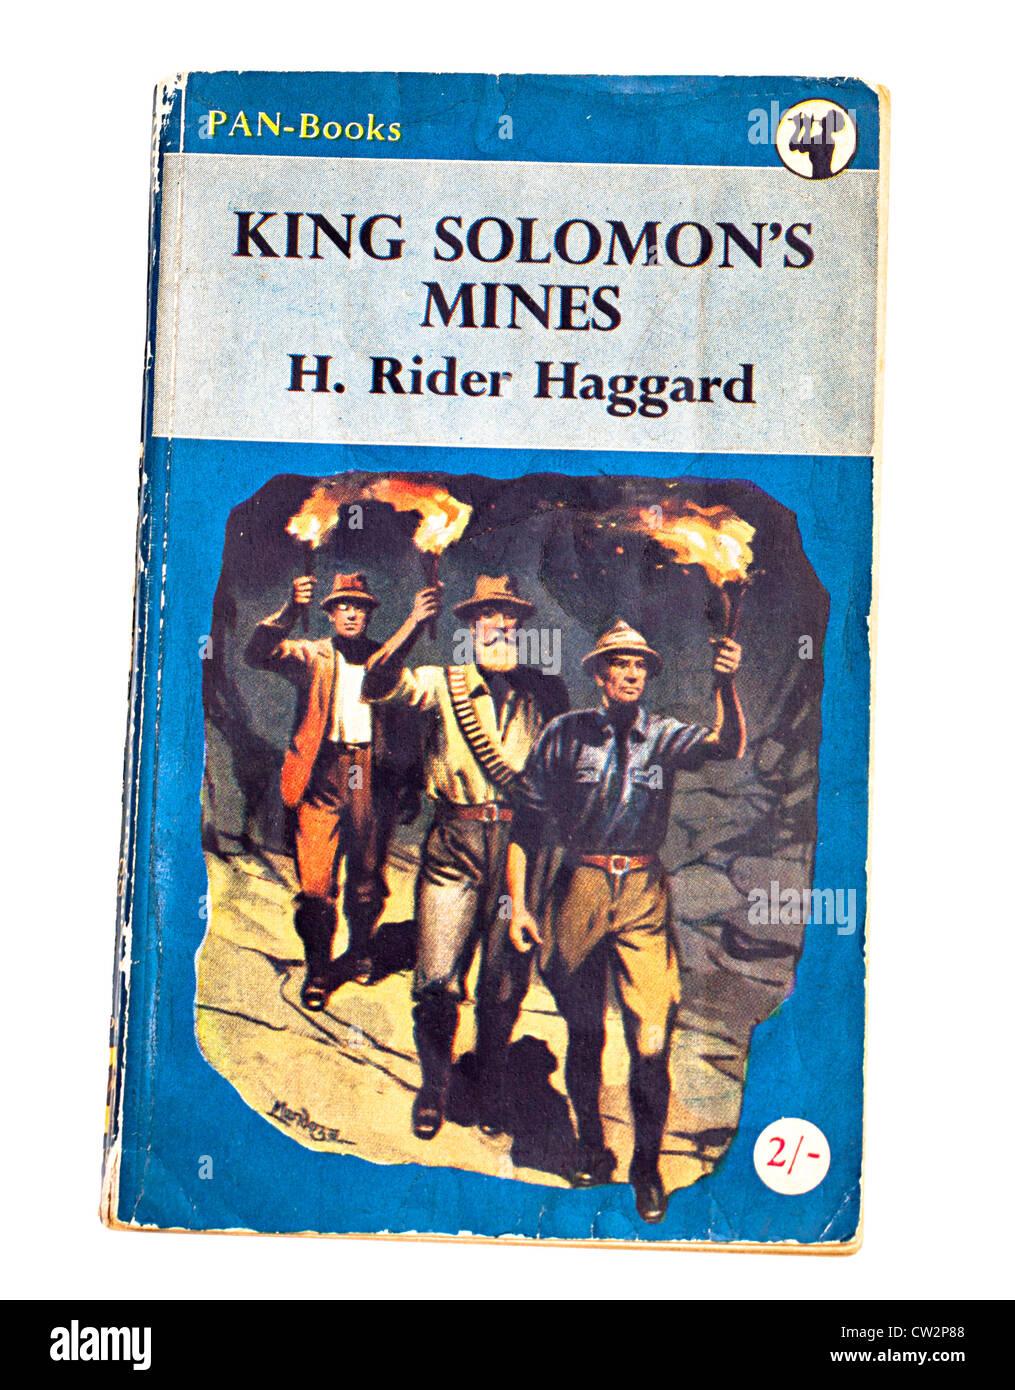 Clásica historia de aventuras para niños libro King Solomon's Mines por H. Rider Haggard publicado Imagen De Stock